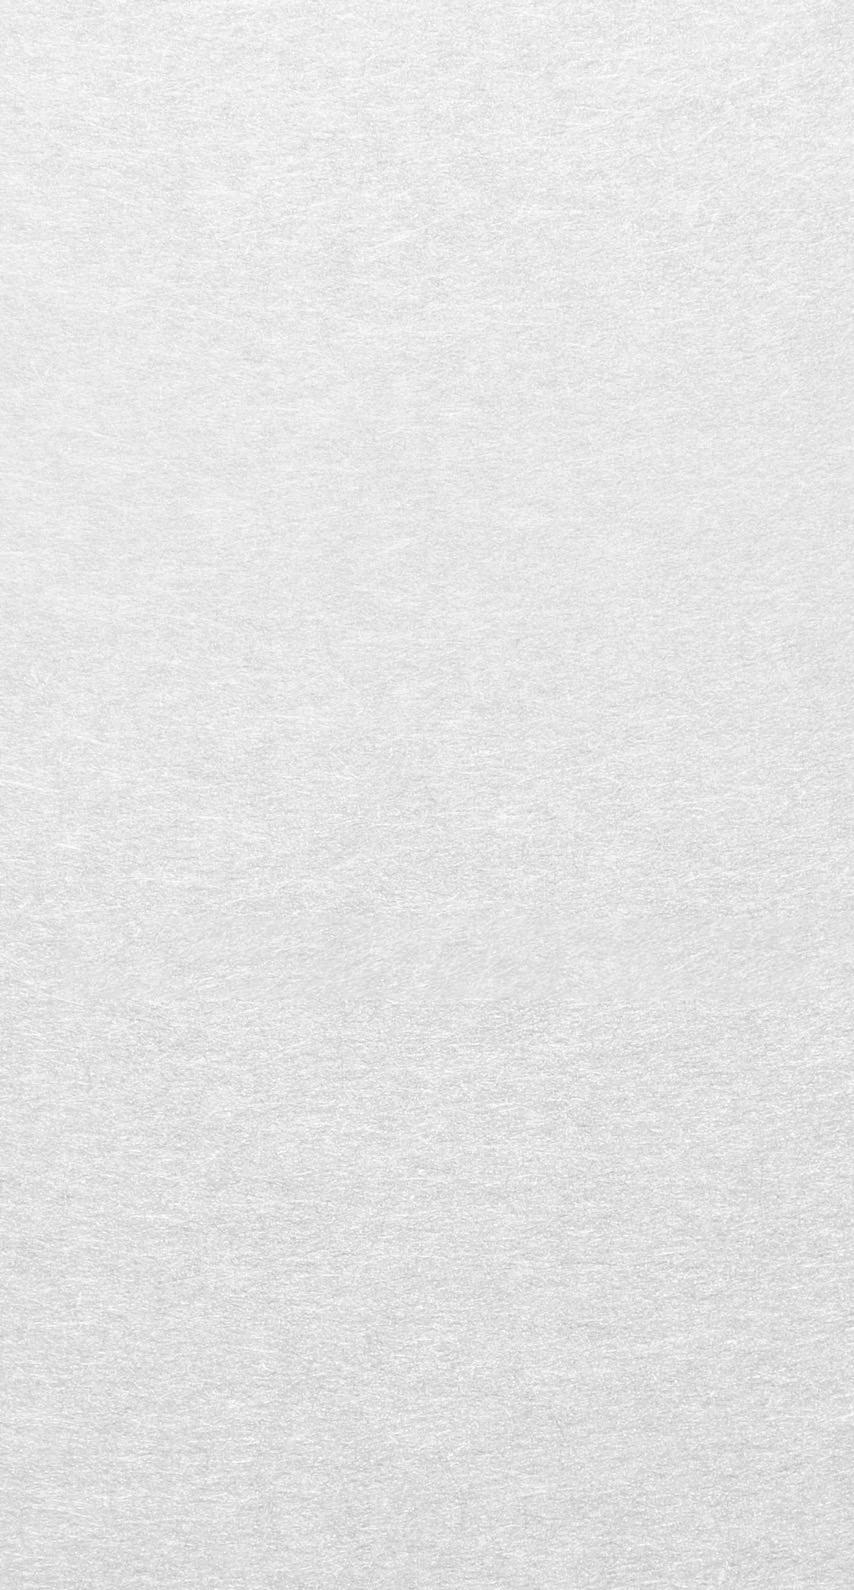 白 壁紙 Iphone8 白 壁紙 Iphone8 あなたのための最高の壁紙画像